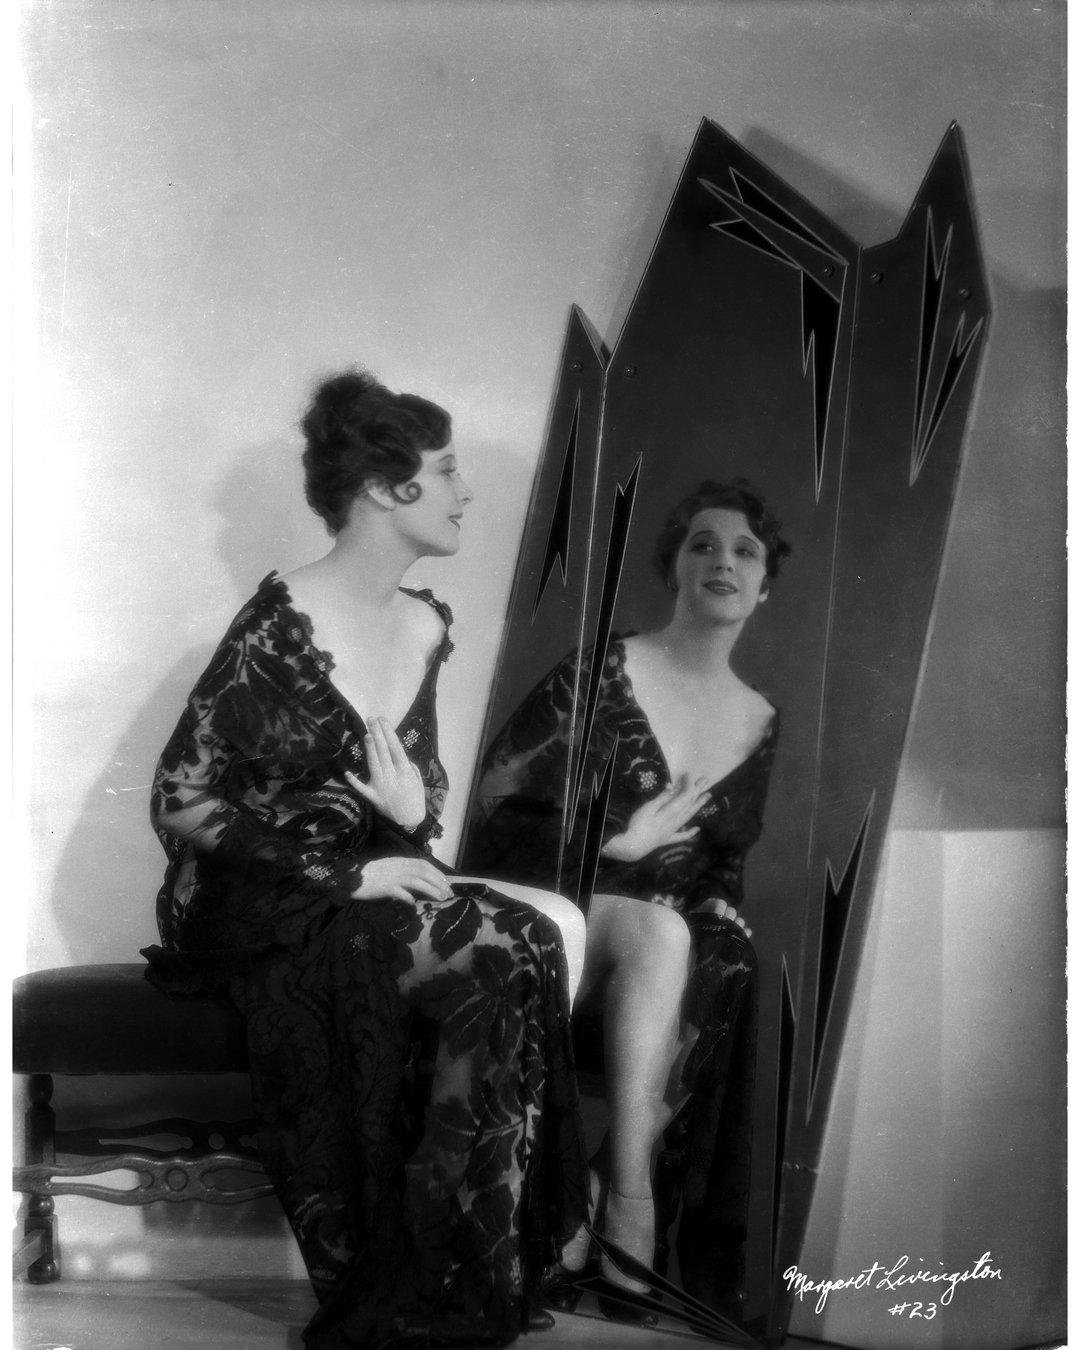 Elke Neidhardt images